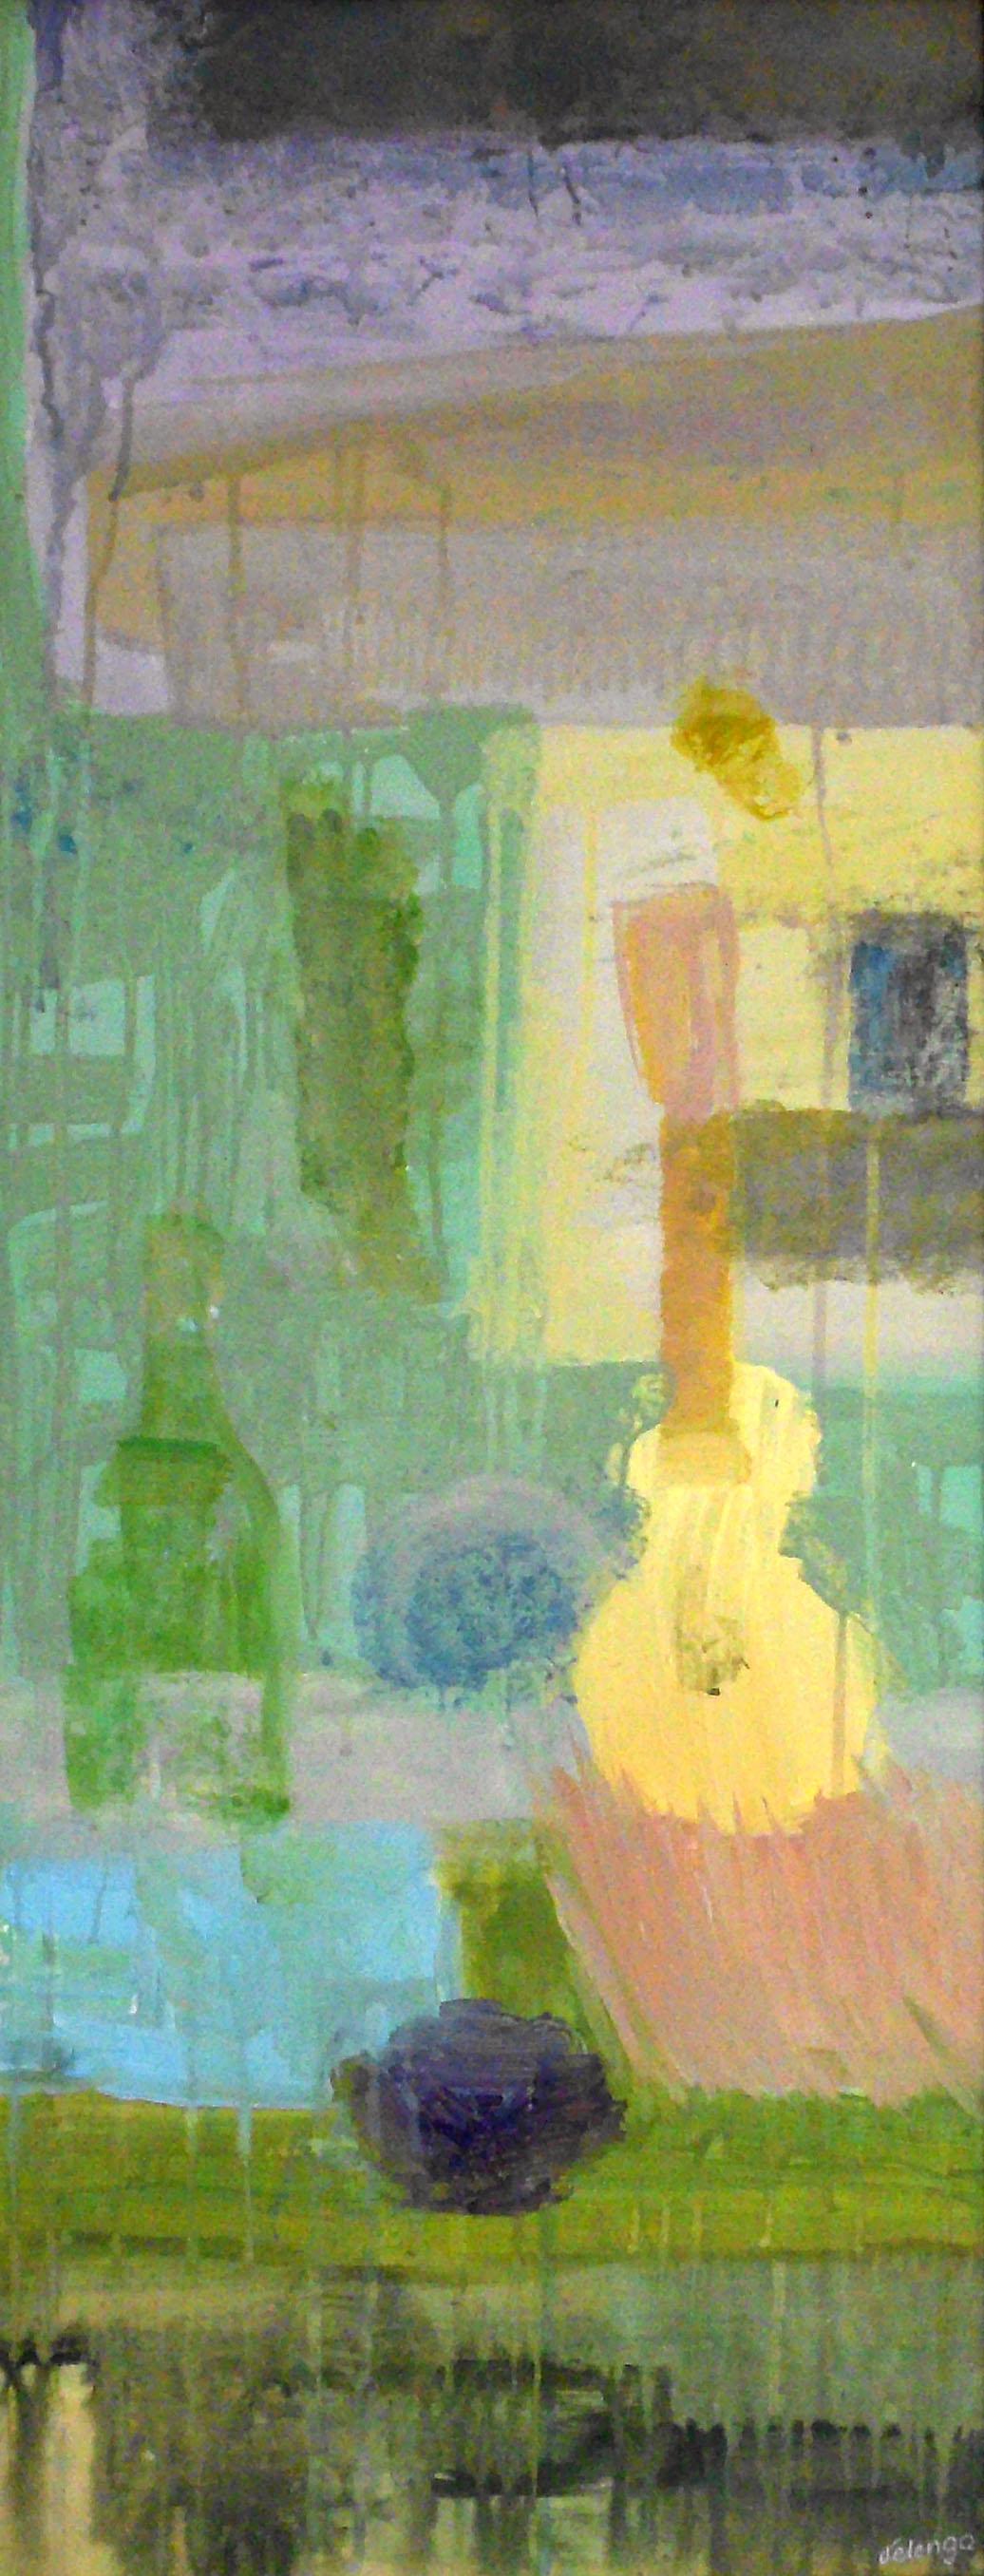 20-angelika_telenga-gitarre_ii-2012-oel_auf_leinwand-100x40